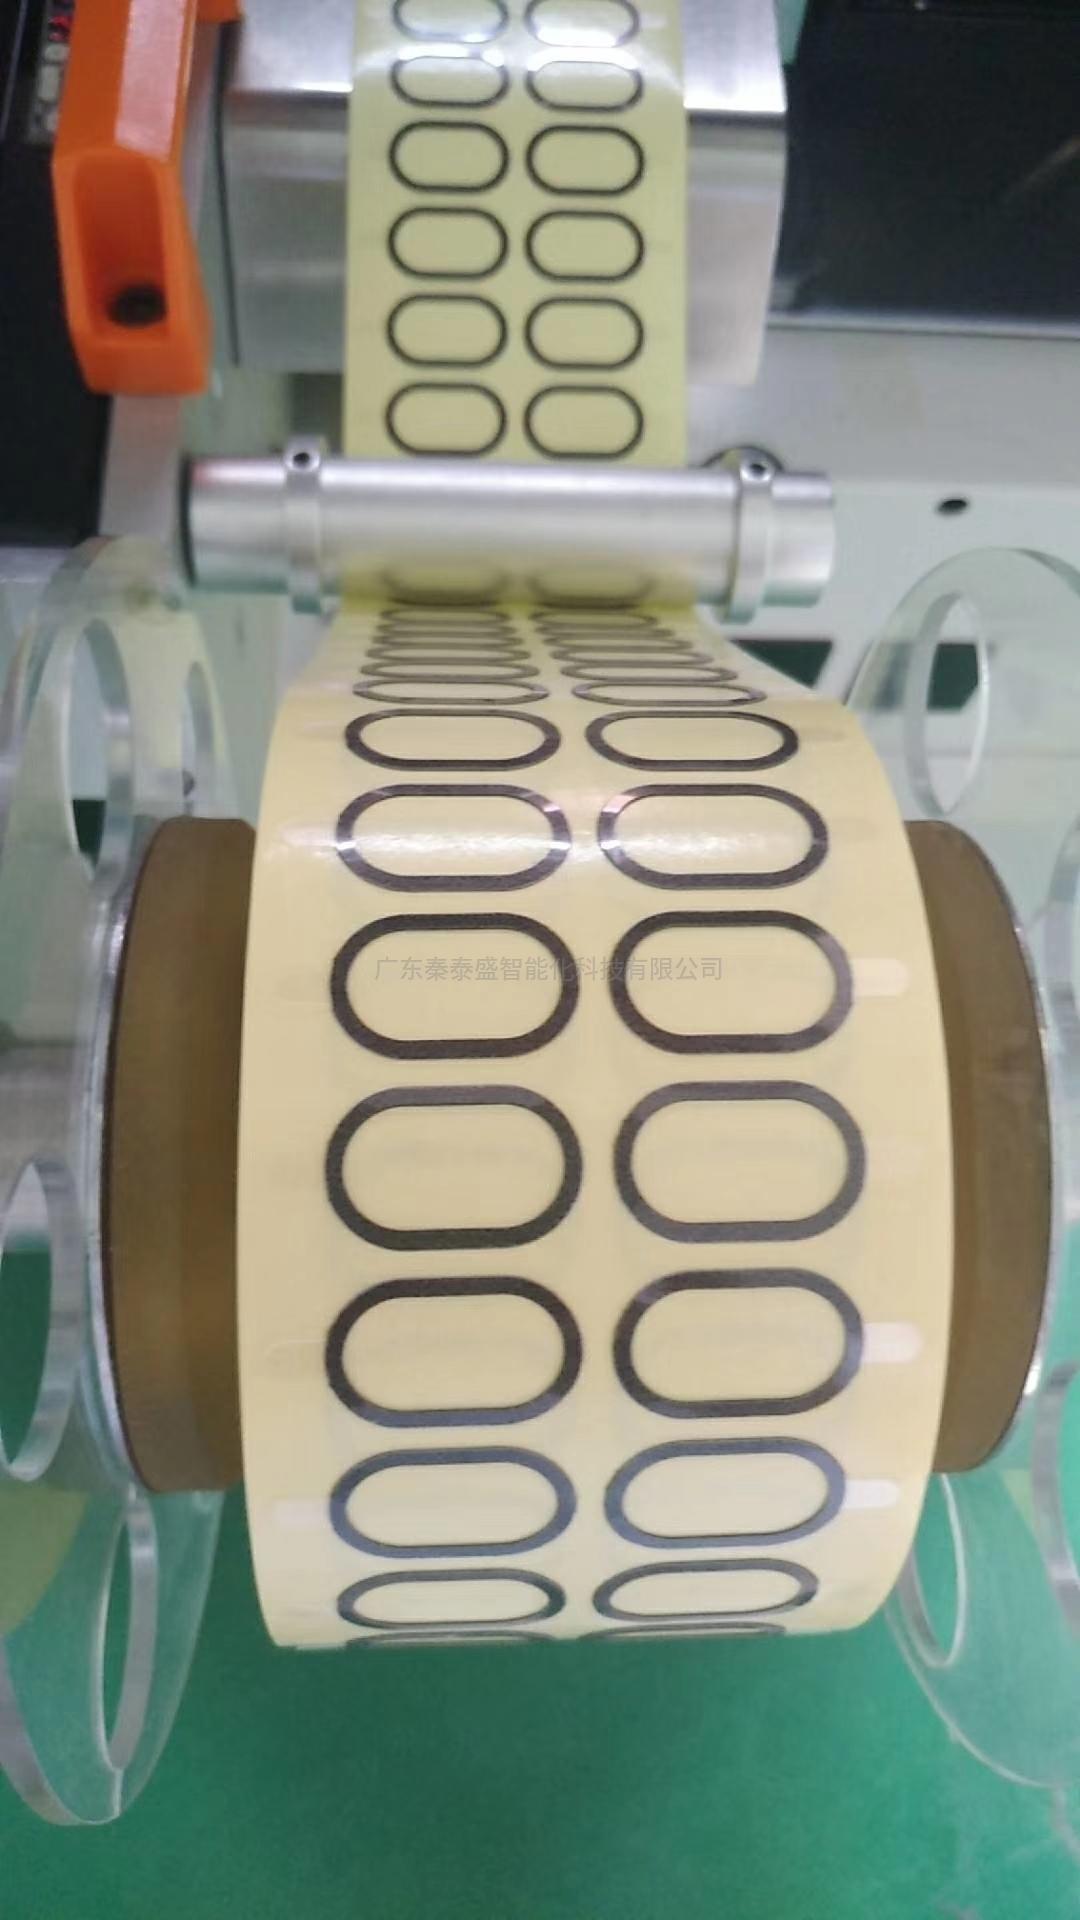 平面贴标机的工作原理就什么?贴标机工作原理